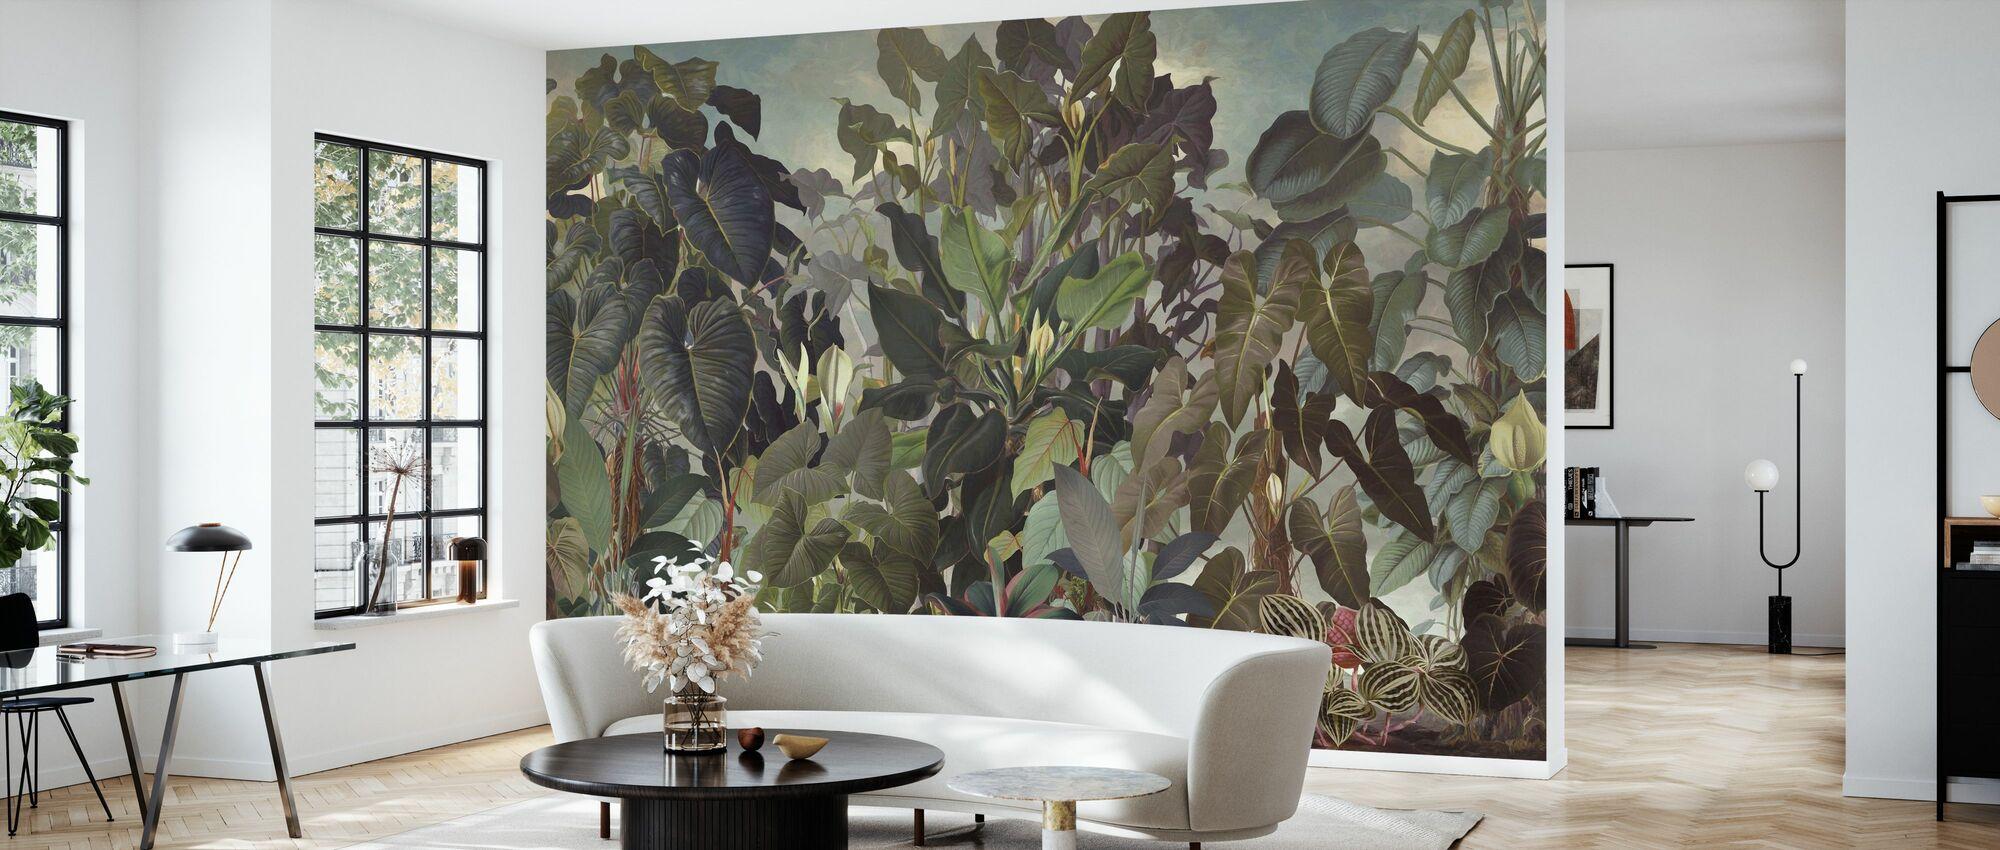 Into the Tropics - Wallpaper - Living Room